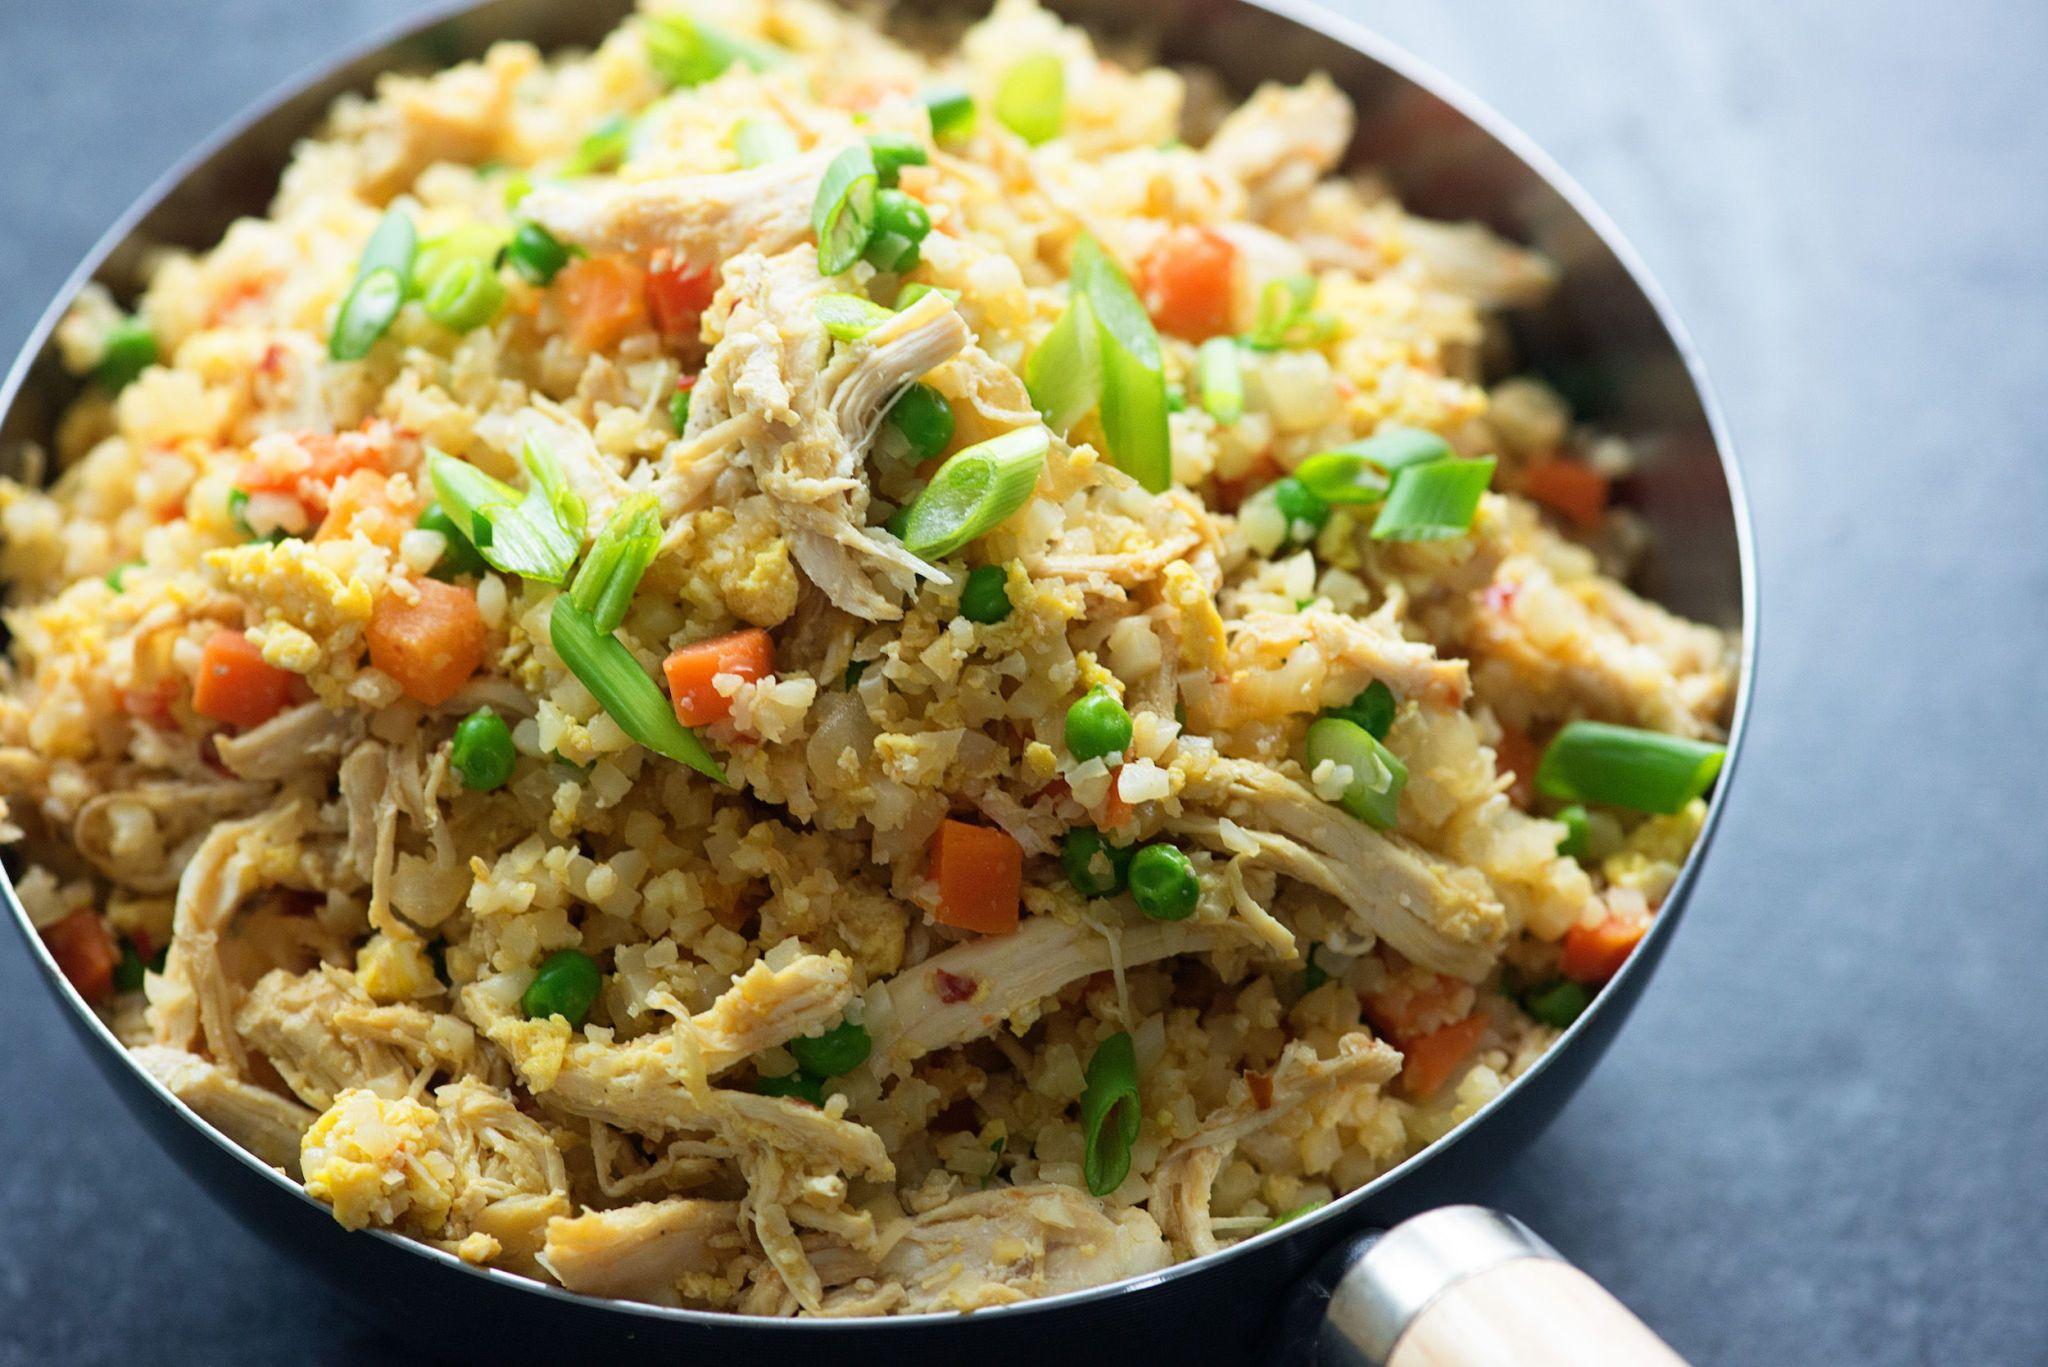 How to make cauliflower rice recipe